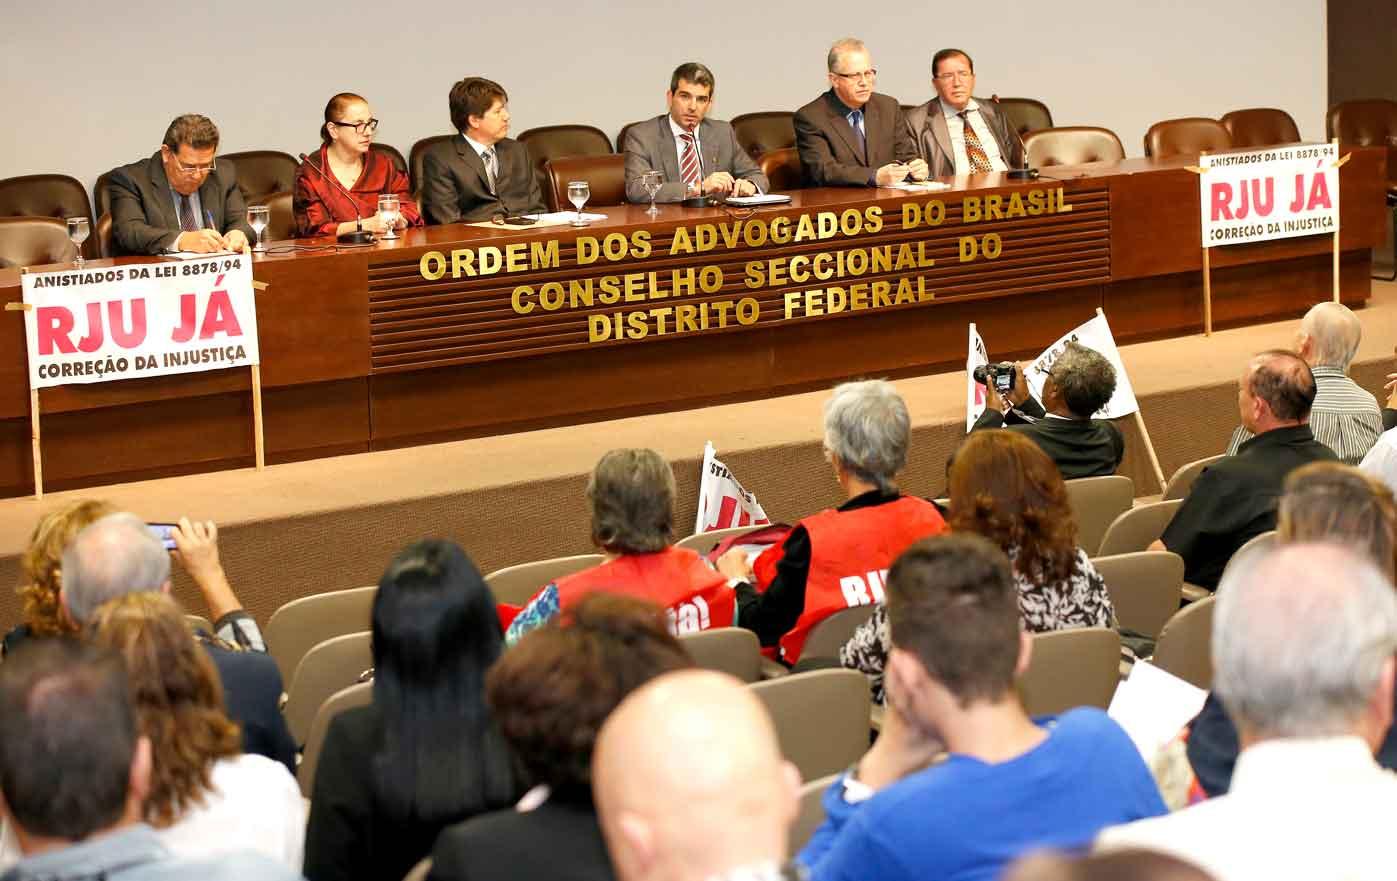 Comissão de Direitos Humanos discute reintegração de anistiados do governo Collor